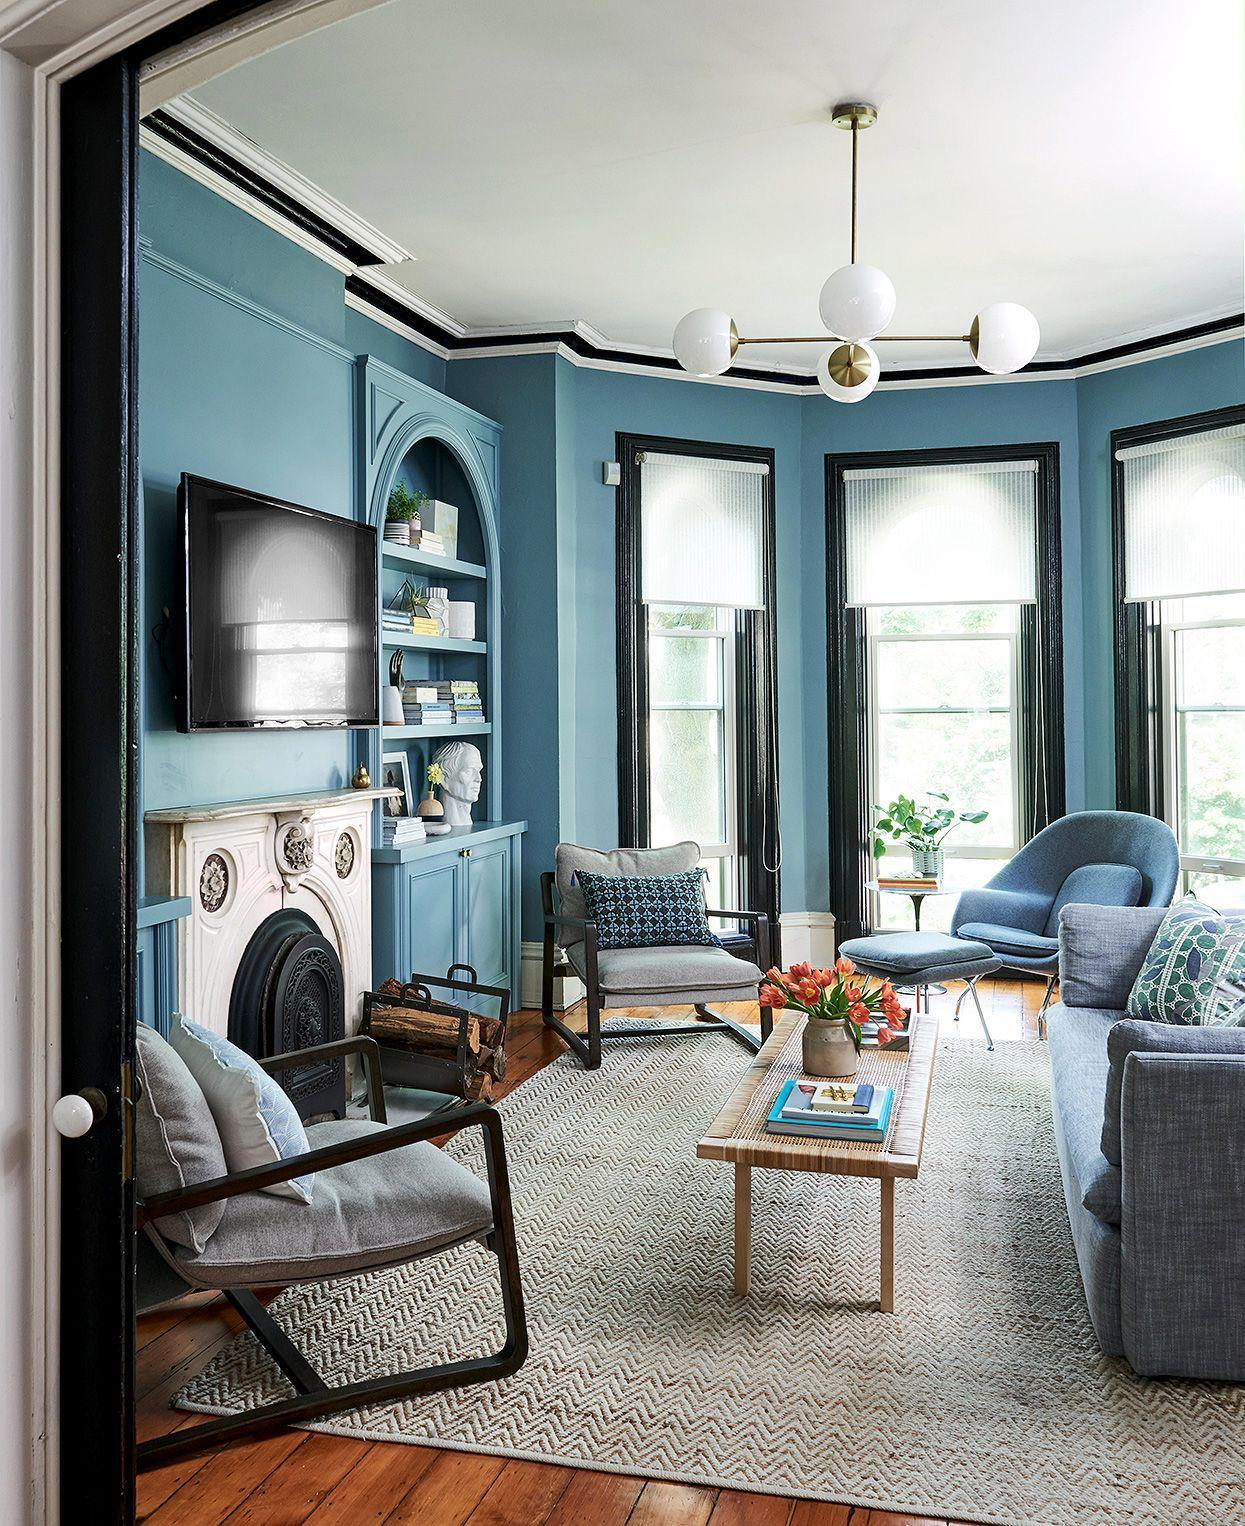 500 Cozy Living Room Decor Ideas In 2020 Living Room Decor Home Decor